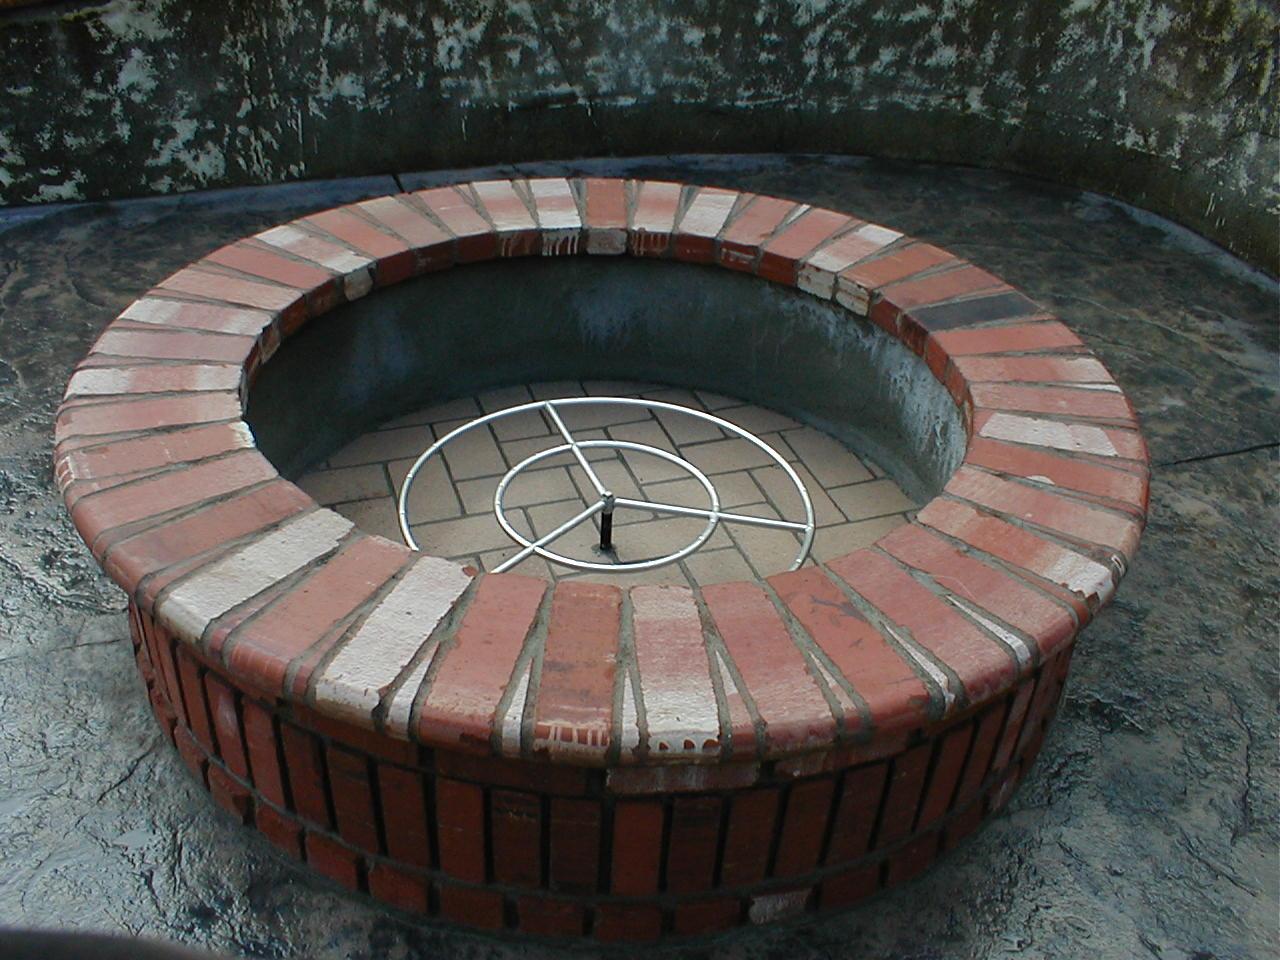 Fire Pit Design Plans Part - 20: Brick Fire Pit Designs Is A Part Of Outdoor Fire Pit Designs Picture .